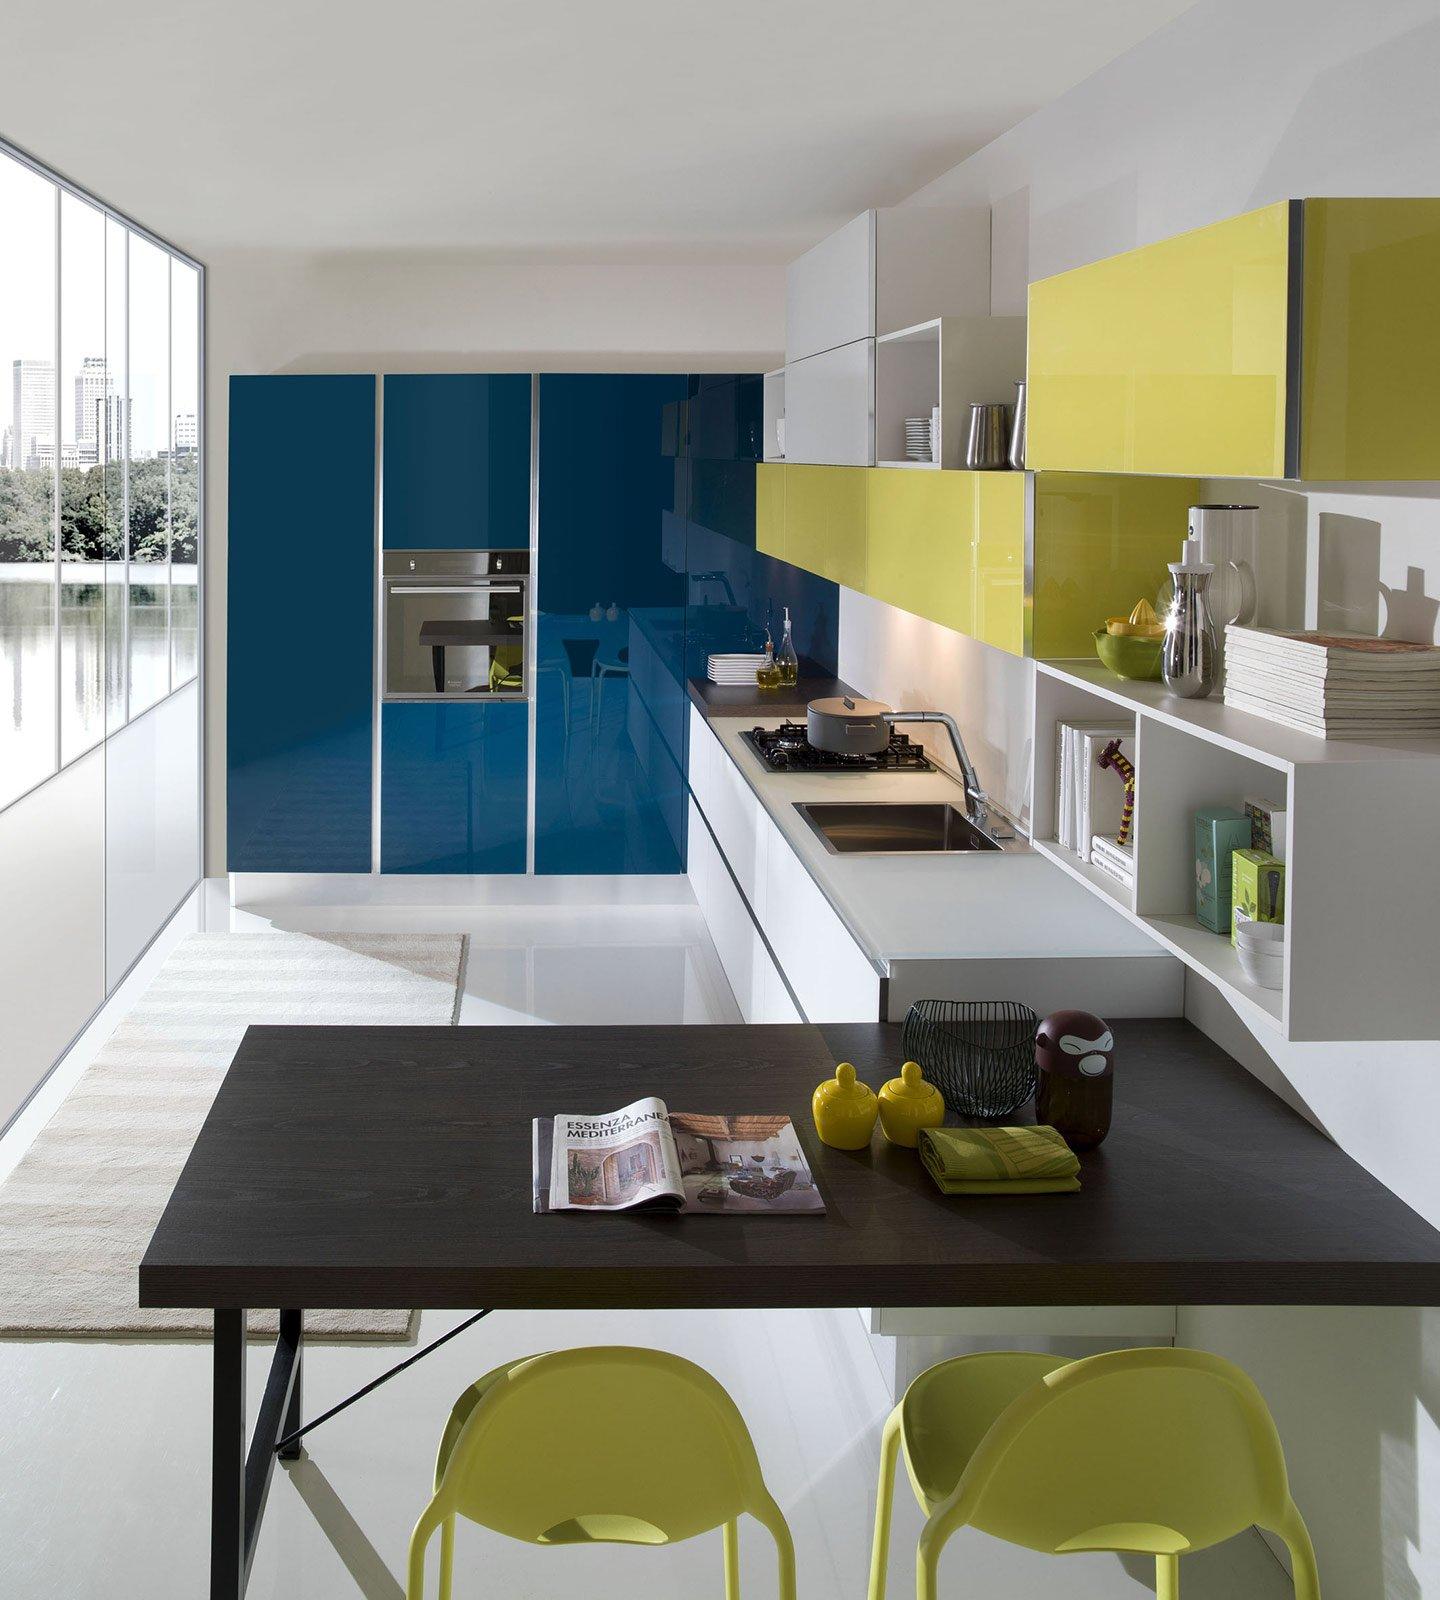 Cucine colorate come un quadro contemporaneo cose di casa for Arredamento roma est